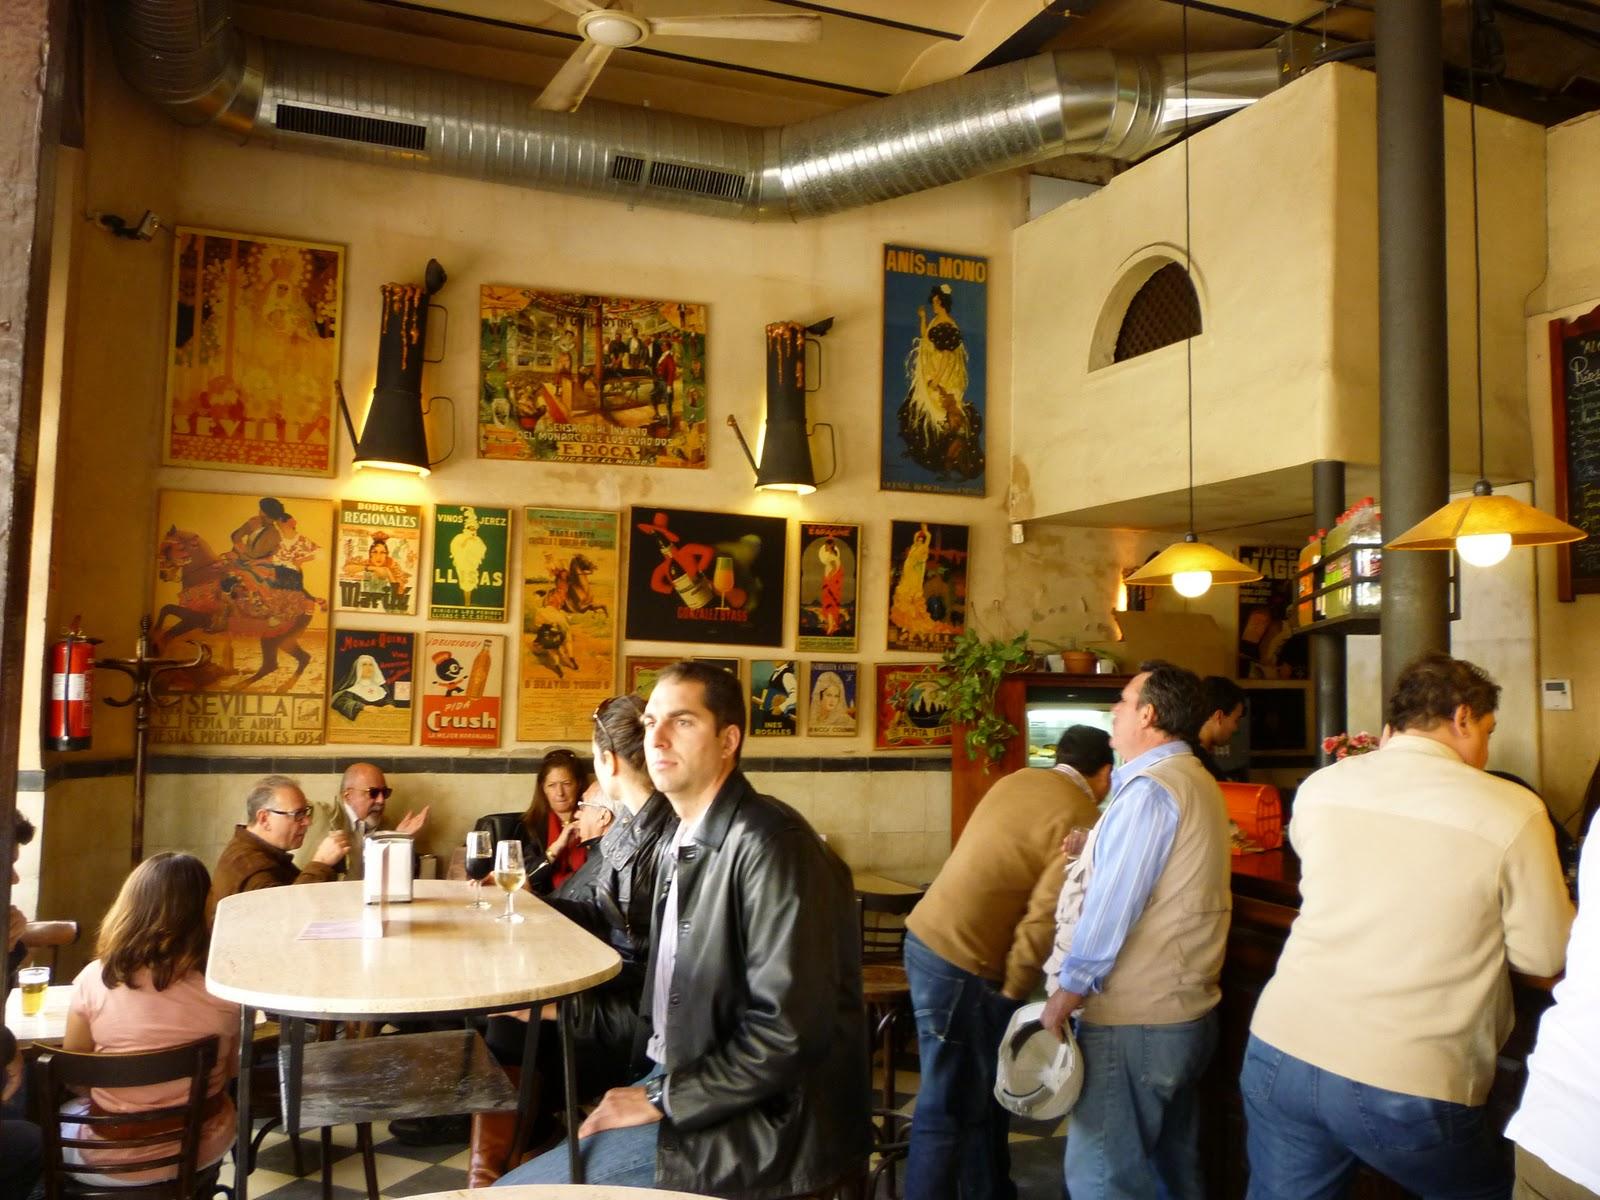 El portal de susana alc zares un antiguo bar al calor for Bar madera sevilla